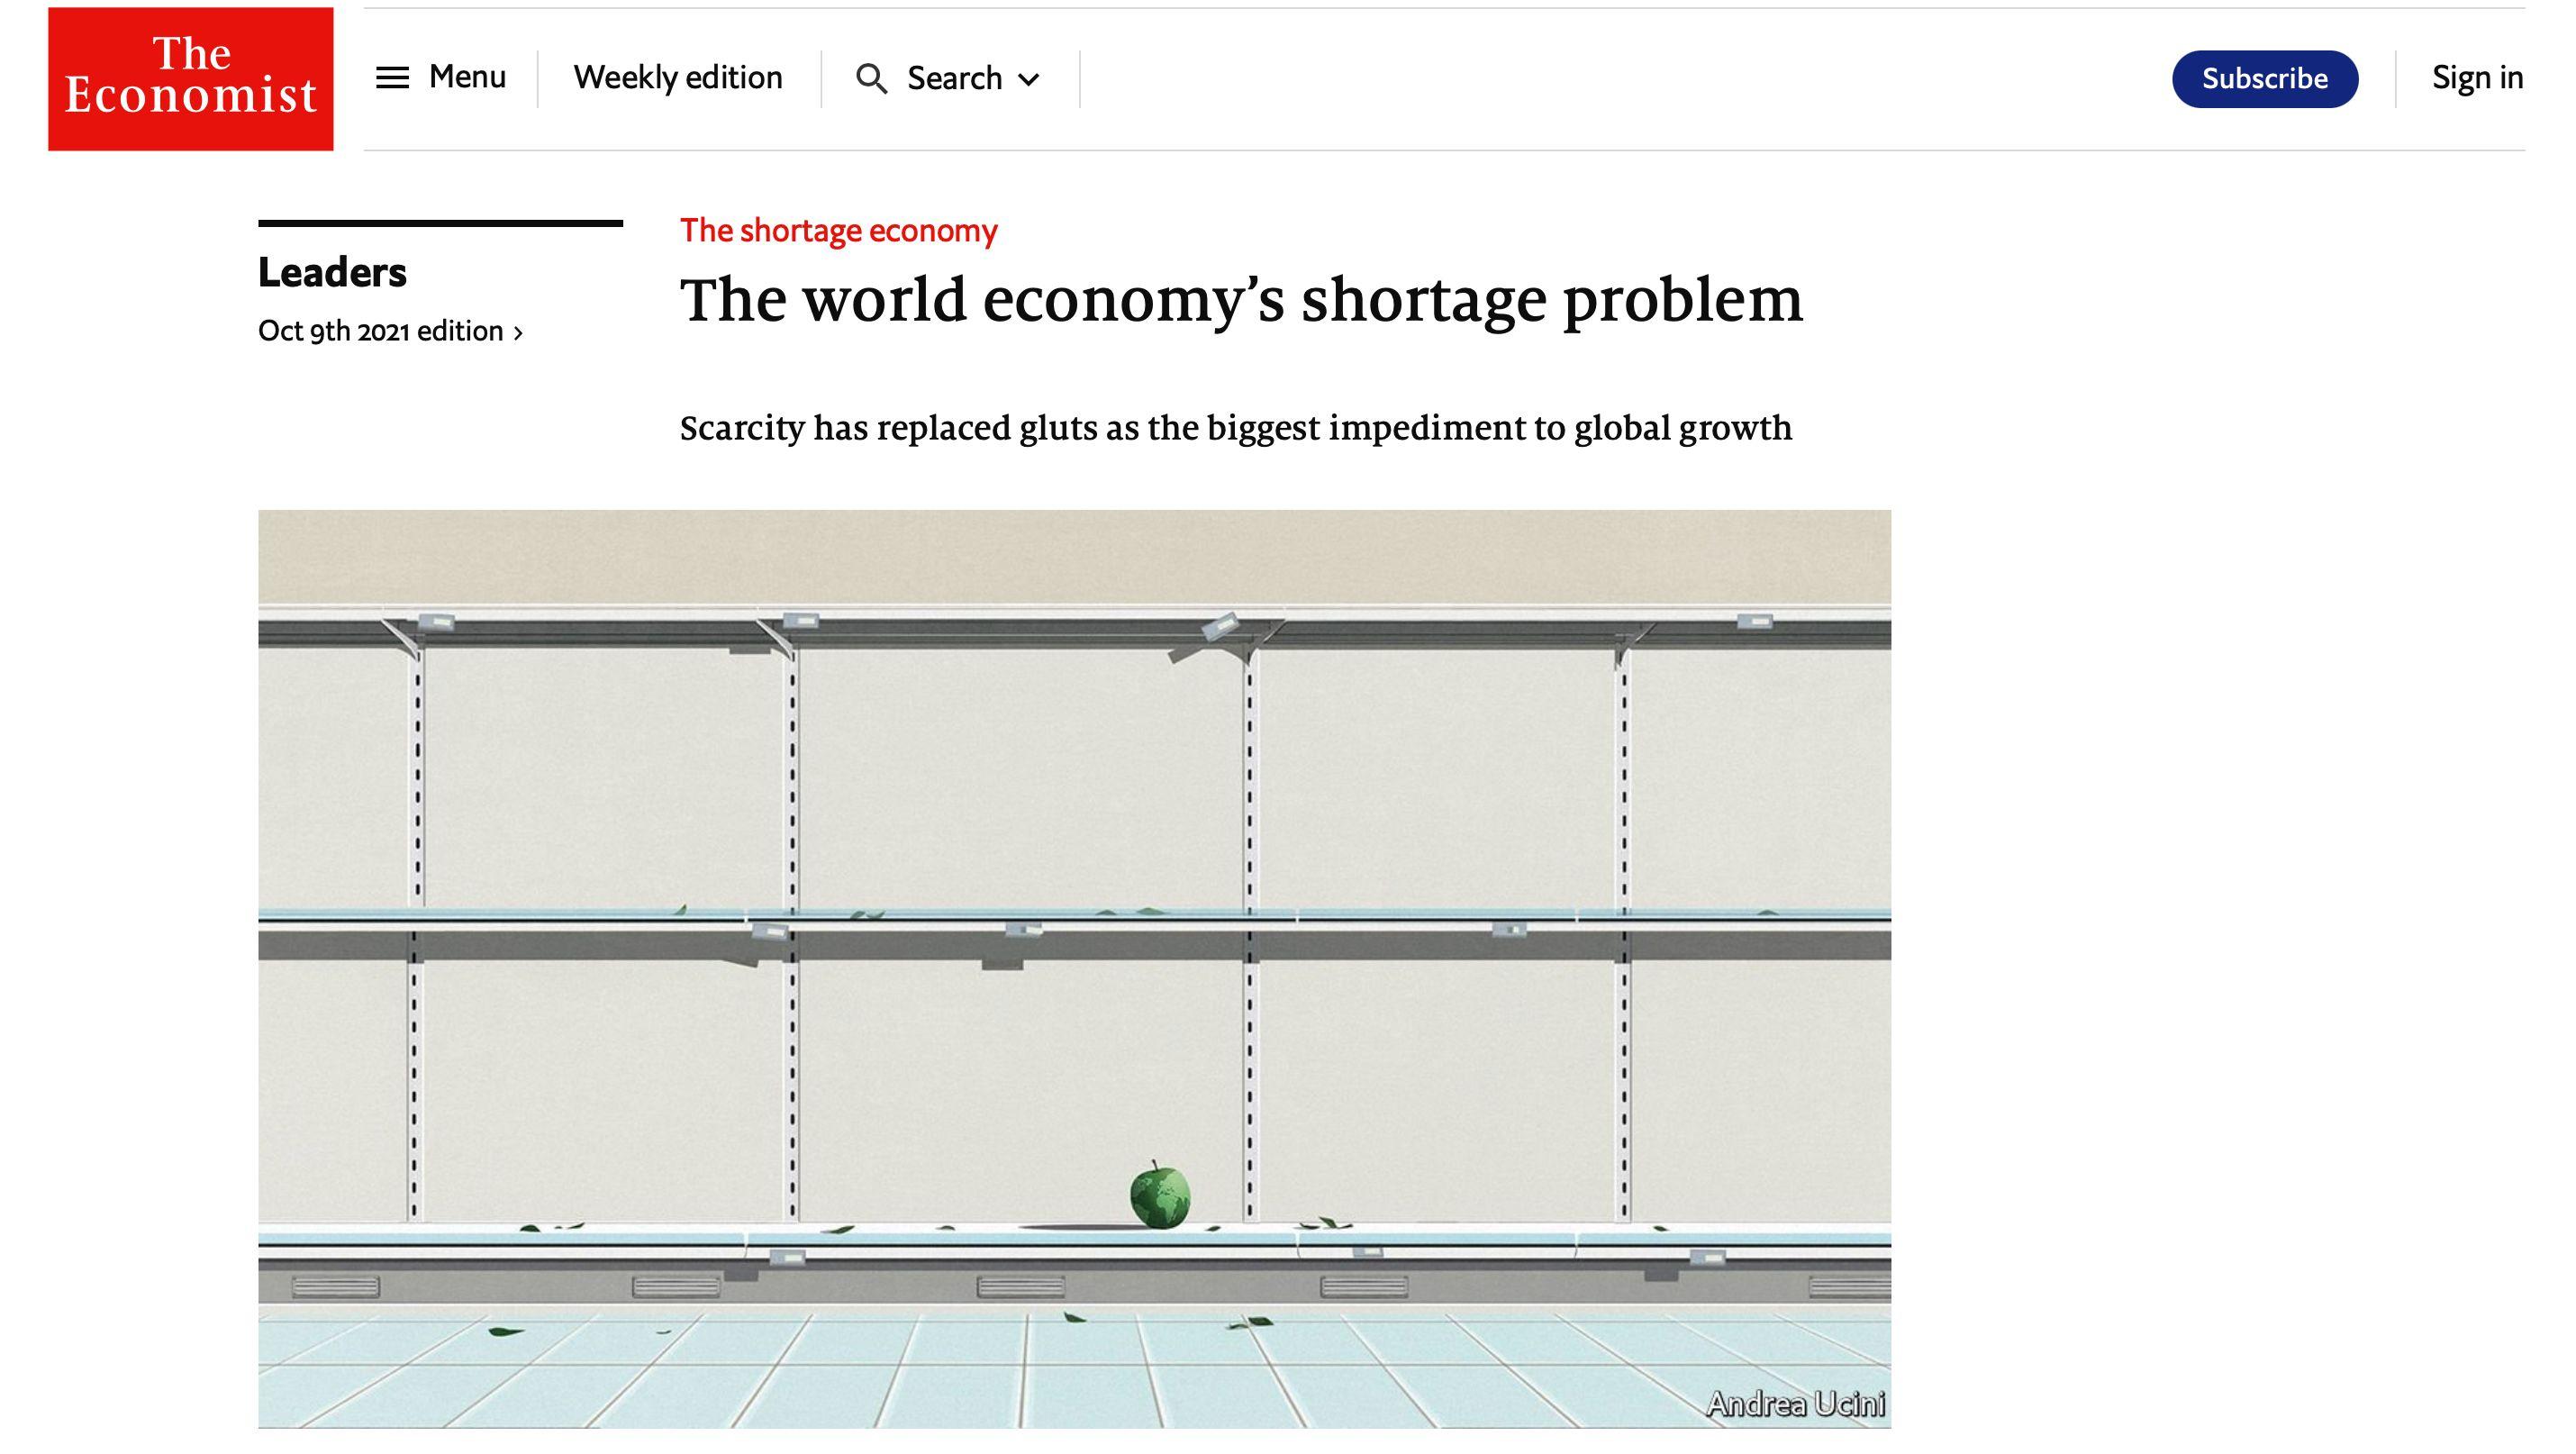 經濟學人,新冠疫情,供給,需求,消費性反彈,通膨,減碳,保護主義,地緣政治,全球化,石油,天然氣,生產成本,晶片,台積電,5G,中國,結構性失業